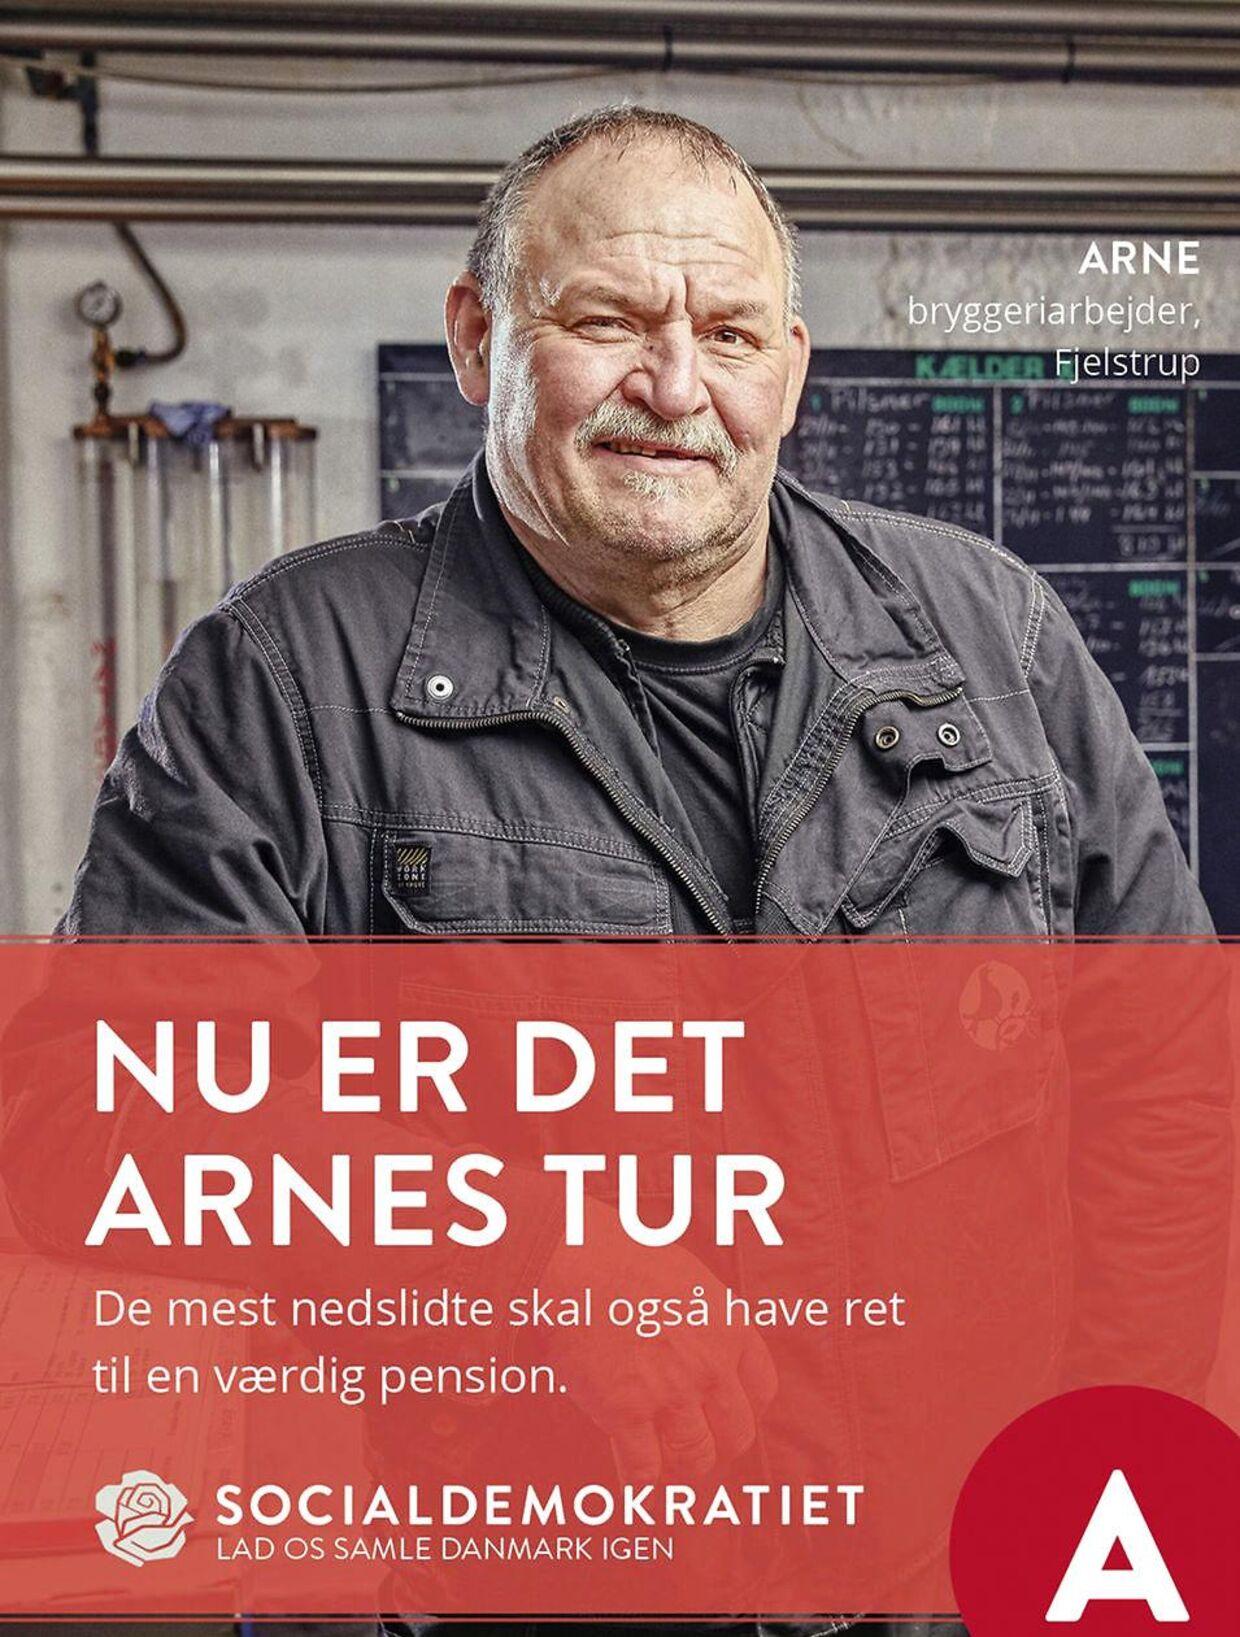 'Nu er det Arnes tur' stod der på Socialdemokratiets valgplakater. Men Arne Juhl, som optrådte på valgplakaterne, var skuffet over, at tidlig tilbagetrækning fra arbejdsmarkedet ikke var en del af regeringsprogrammet.